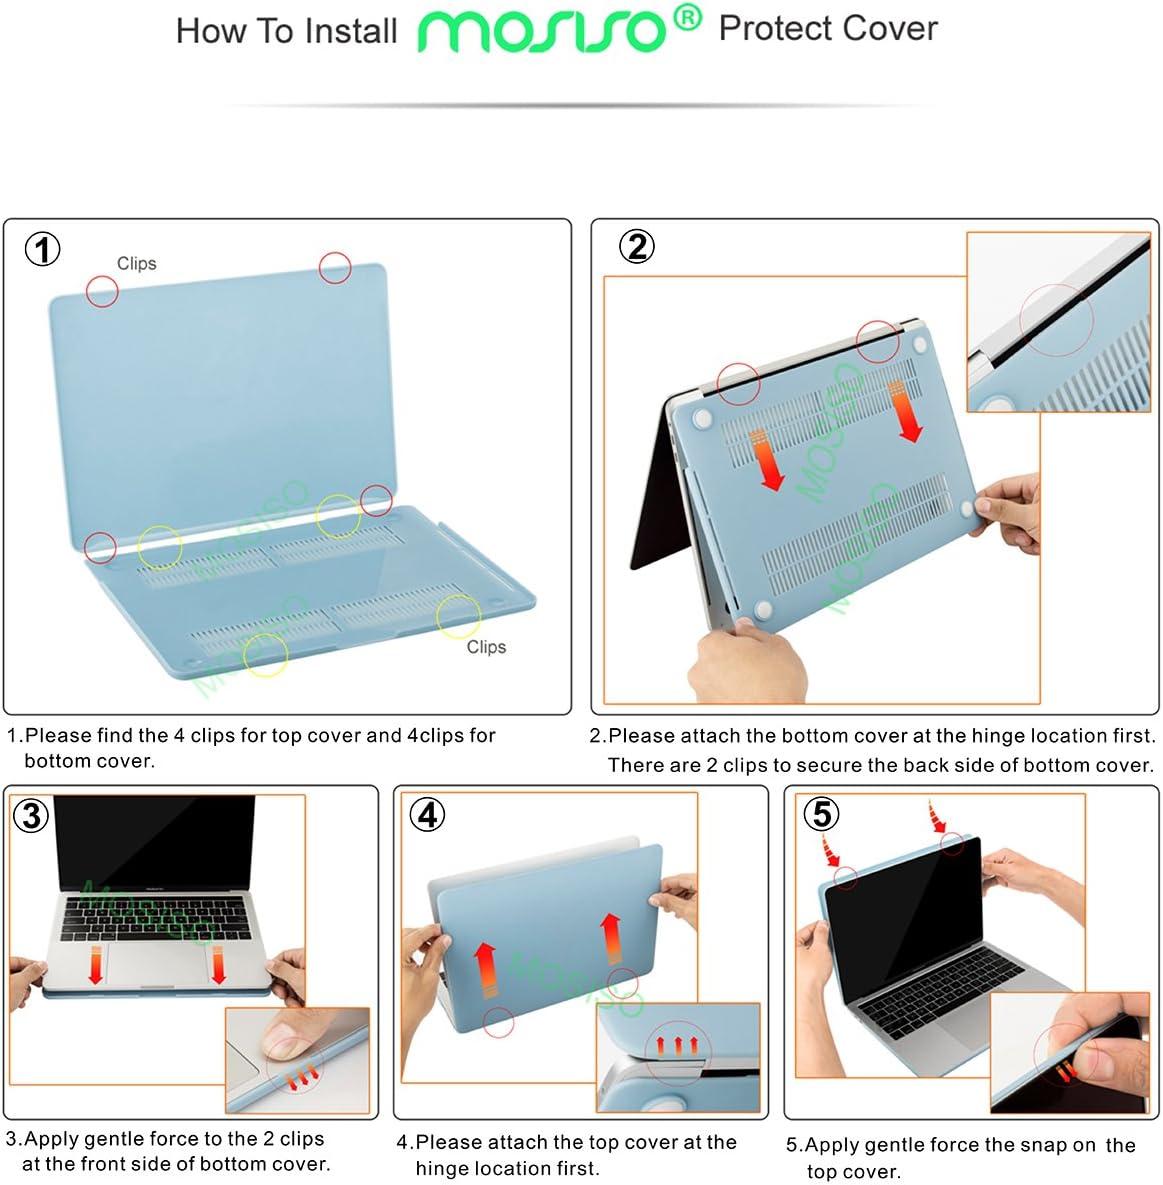 MOSISO Plastique Coque Rigide/&Protection Clavier/&Couverture de Webcam Compatible avec MacBook Pro 13 Pouces 2019 2018 2017 2016 Version A2159 A1989 A1706 A1708 avec//sans Touch Bar Bleu Marin